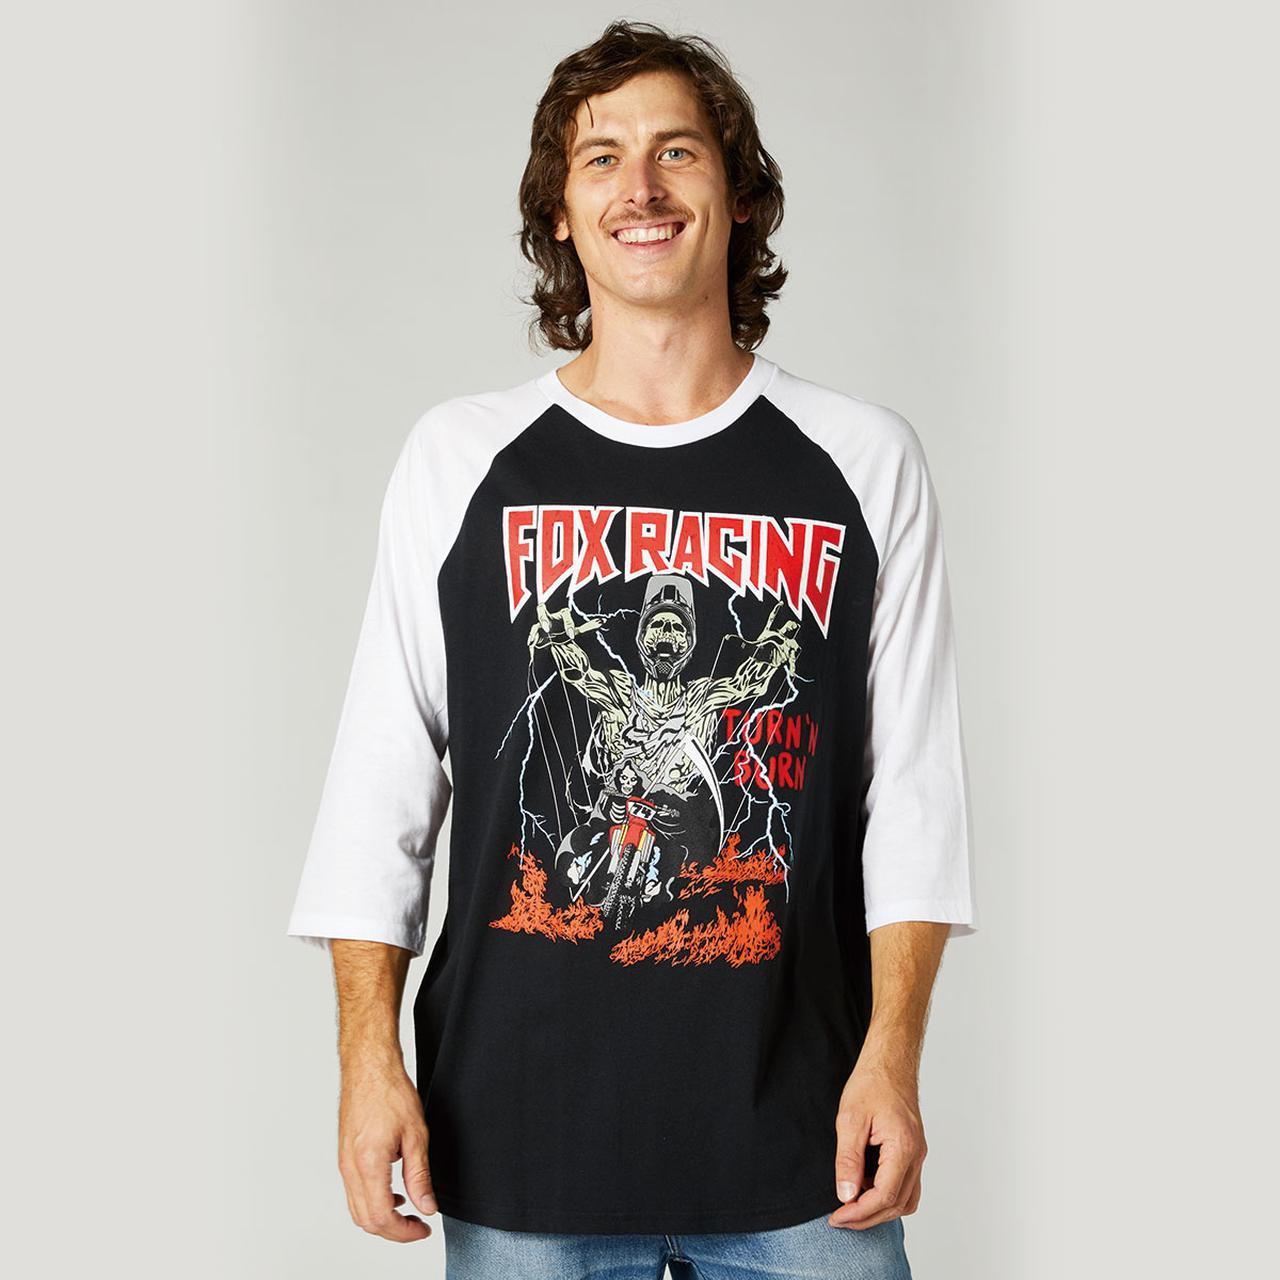 画像1: FOXの21SPモデルに「それどこで買ったの?」って聞きたくなるTシャツ登場(他にもあるよ)